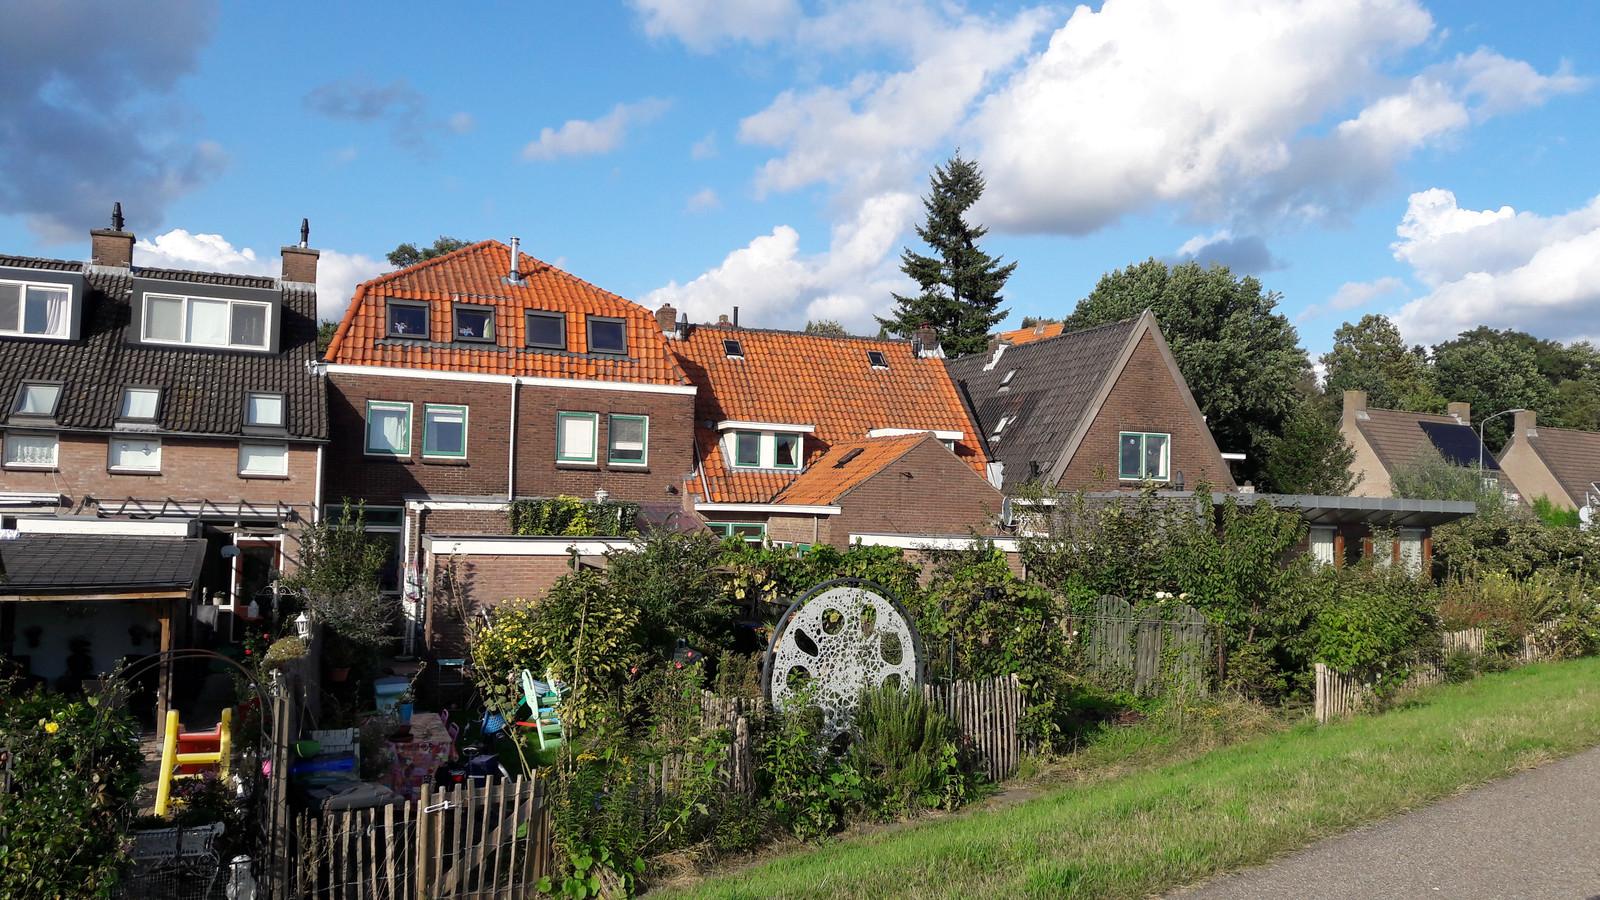 De woningen aan de Veerstraat met vervuilde tuinen.